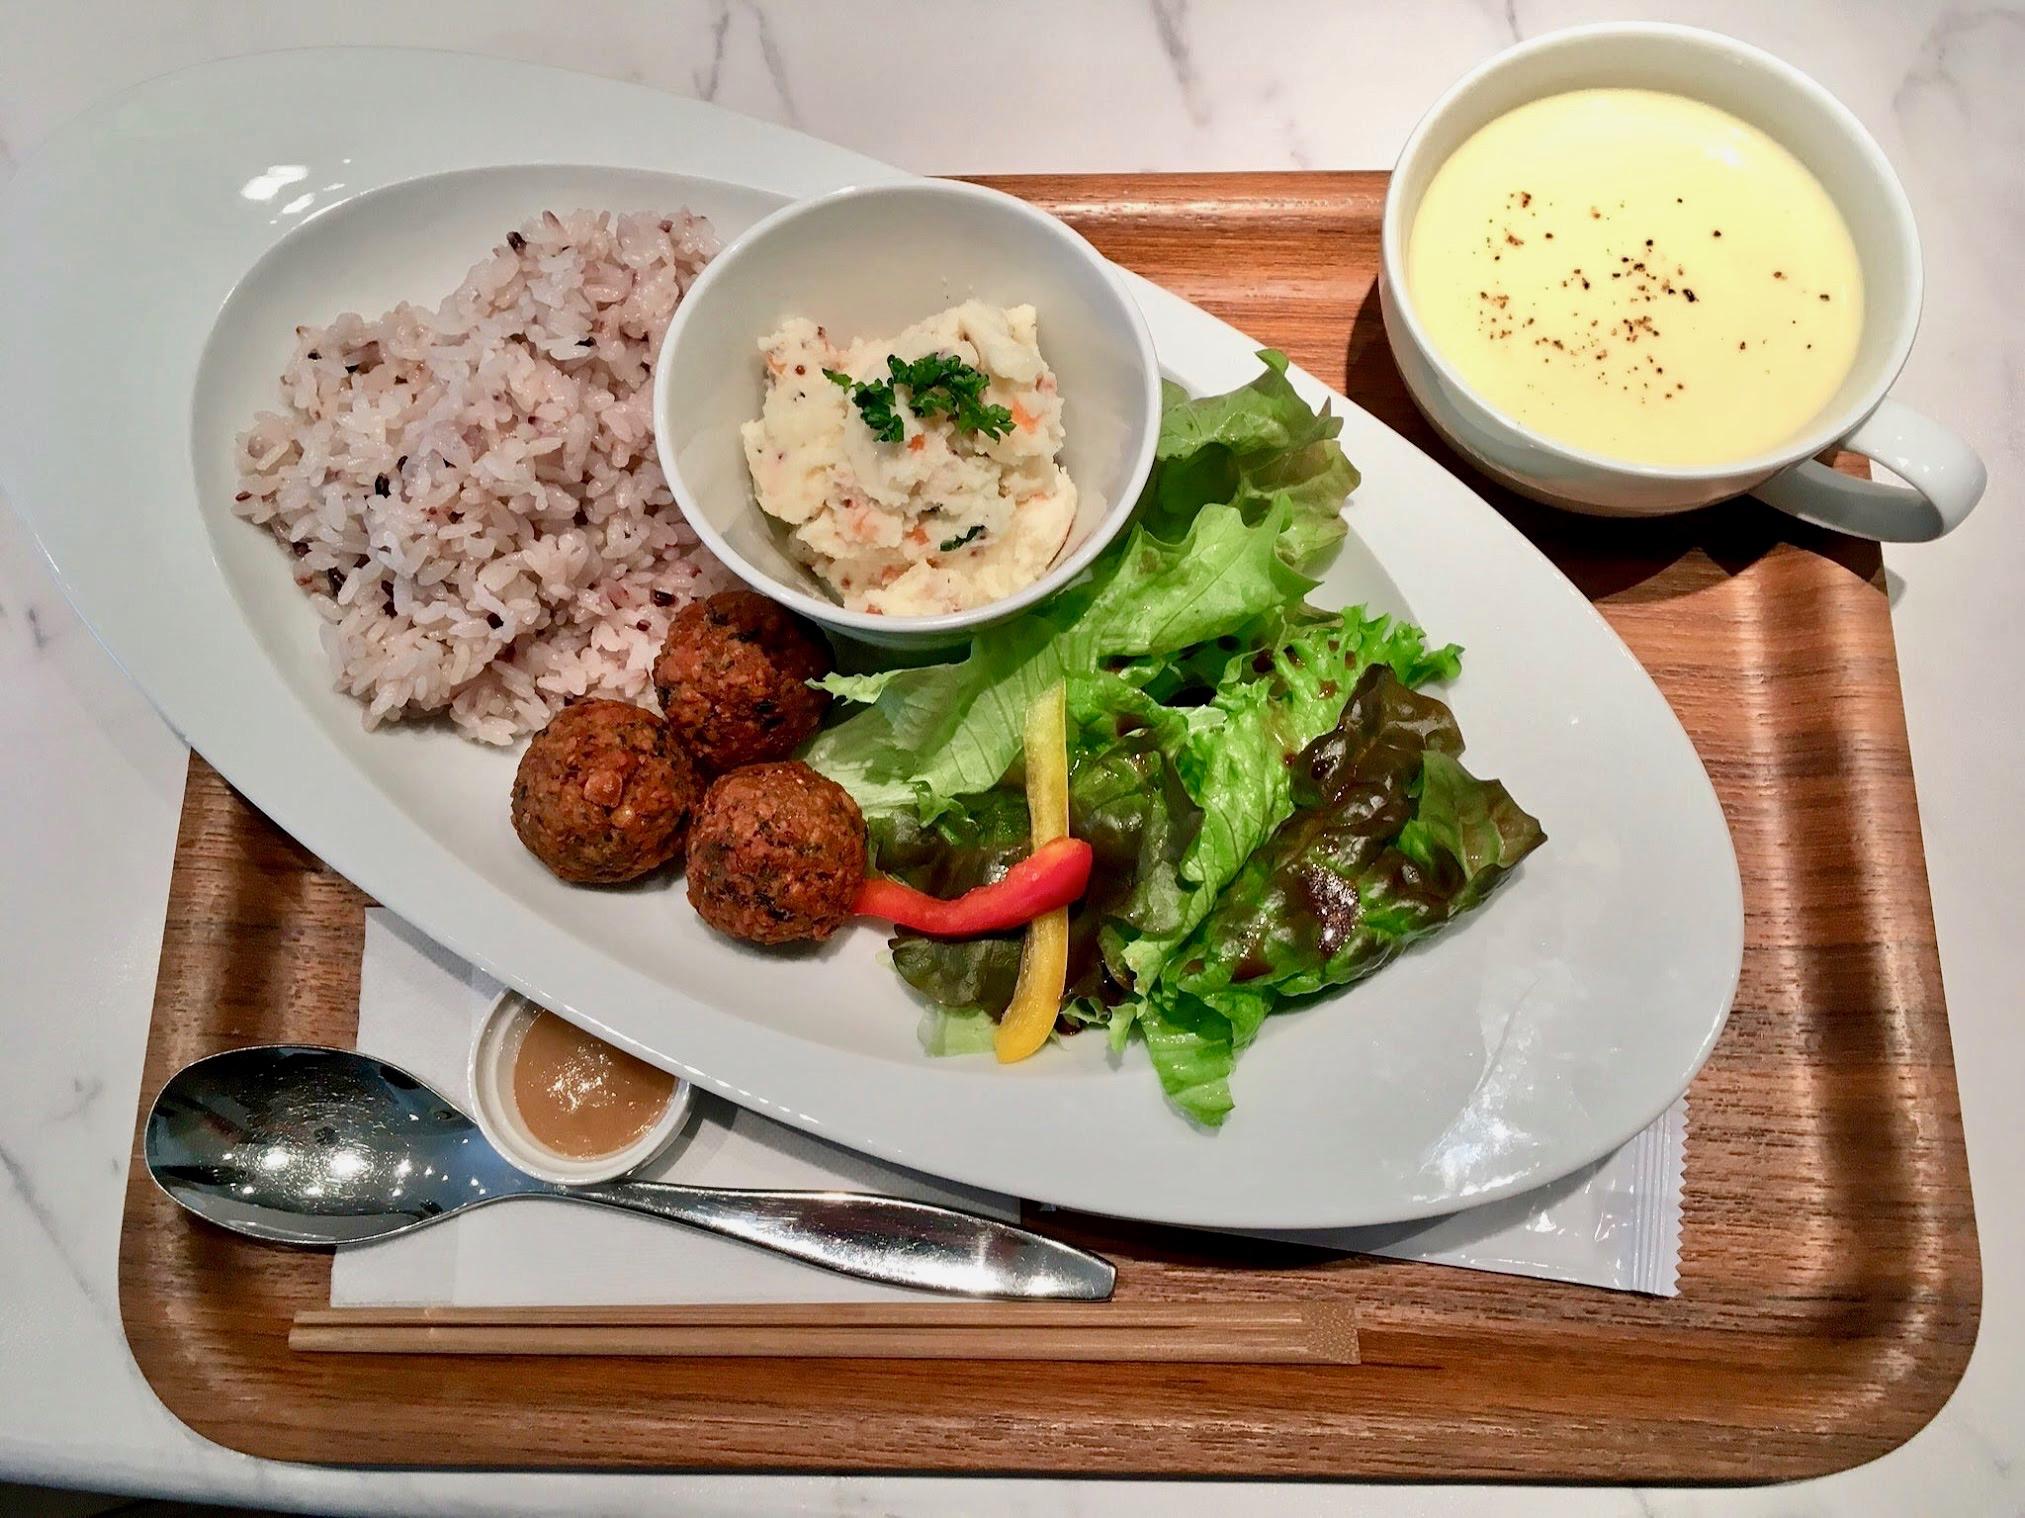 卵、牛乳、小麦粉を使わない野菜カフェ、東別院「en-kitchen cafe」 - IMG 7088